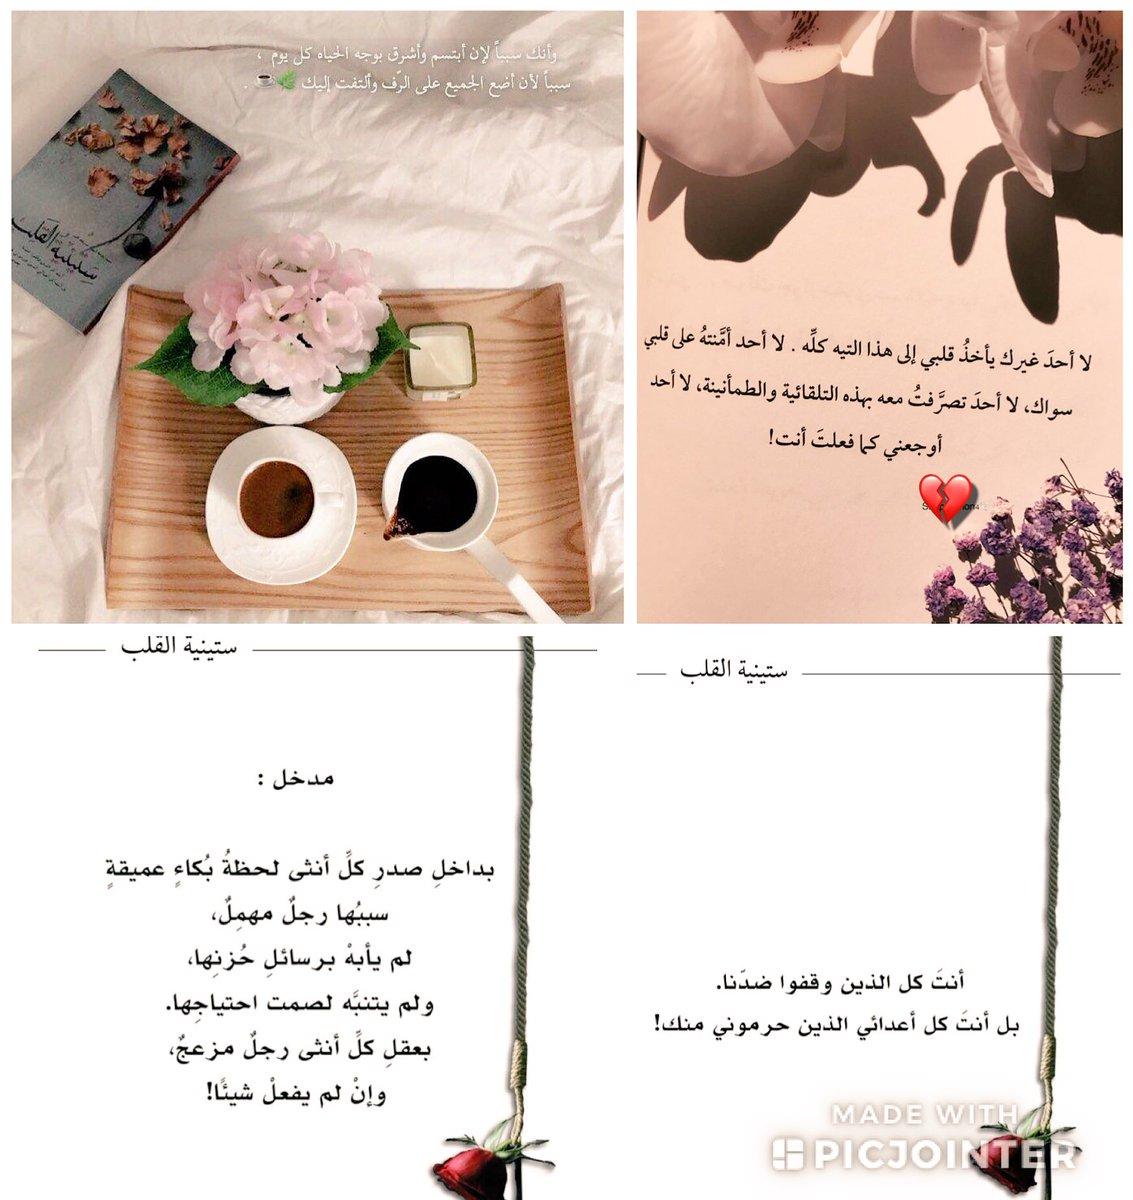 *،  #ستينية_القلب  #أردتك الذي يهتم بي،...